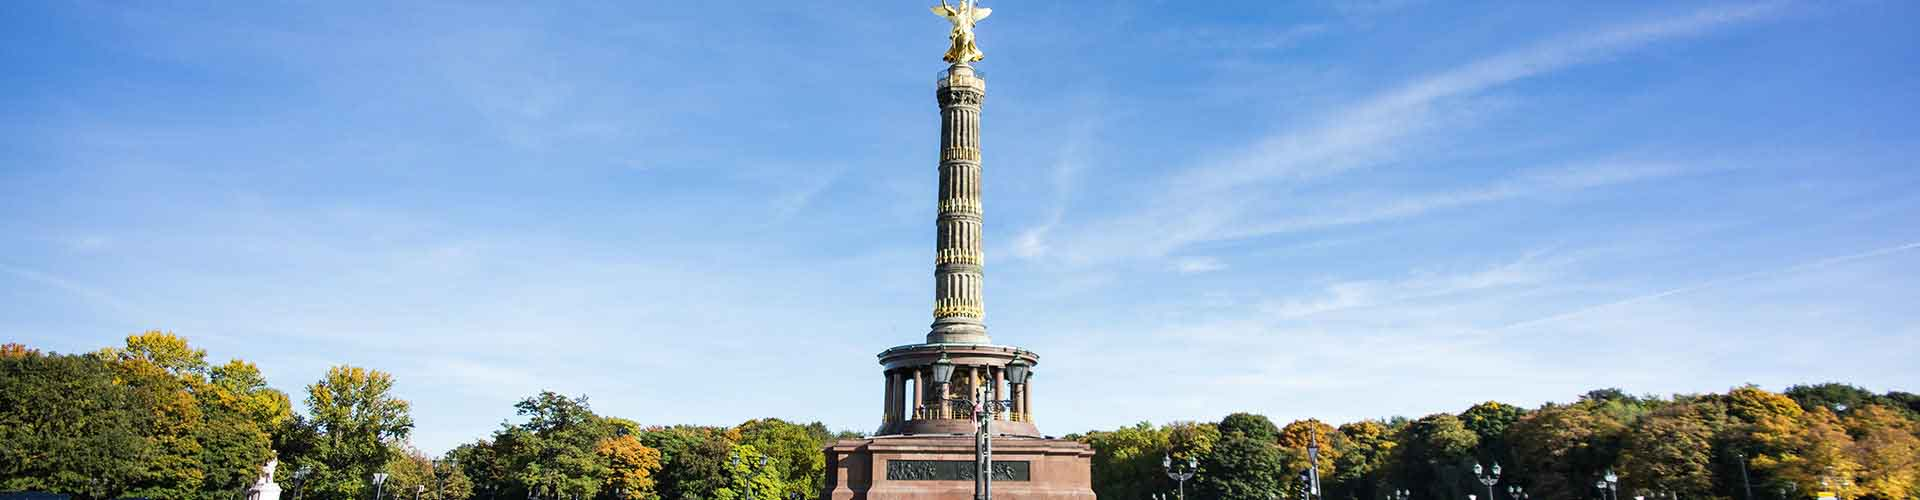 柏林 – 柏林胜利纪念柱附近的露营地。柏林地图,柏林每个露营地的照片和评价。